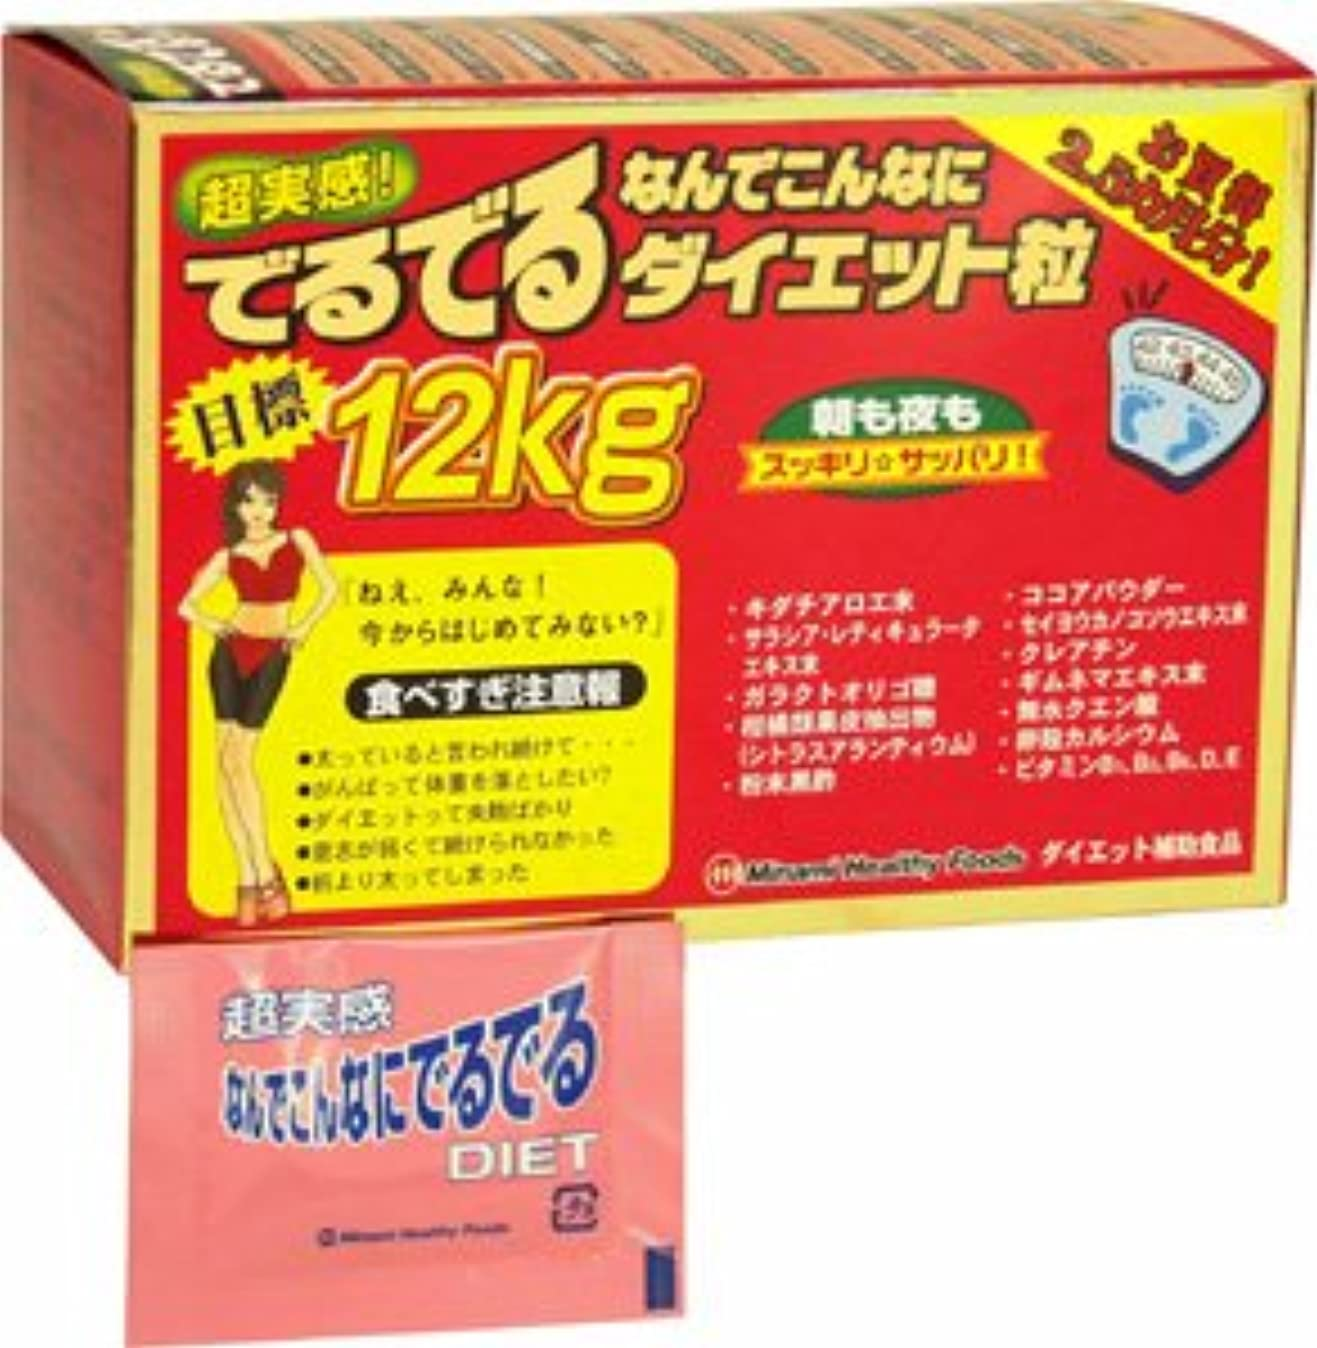 メロディアス冷蔵庫トラフ〔ミナミヘルシーフーズ株式会社〕超実感なんでこんなにでるでるダイエット 6粒×75H×2セット